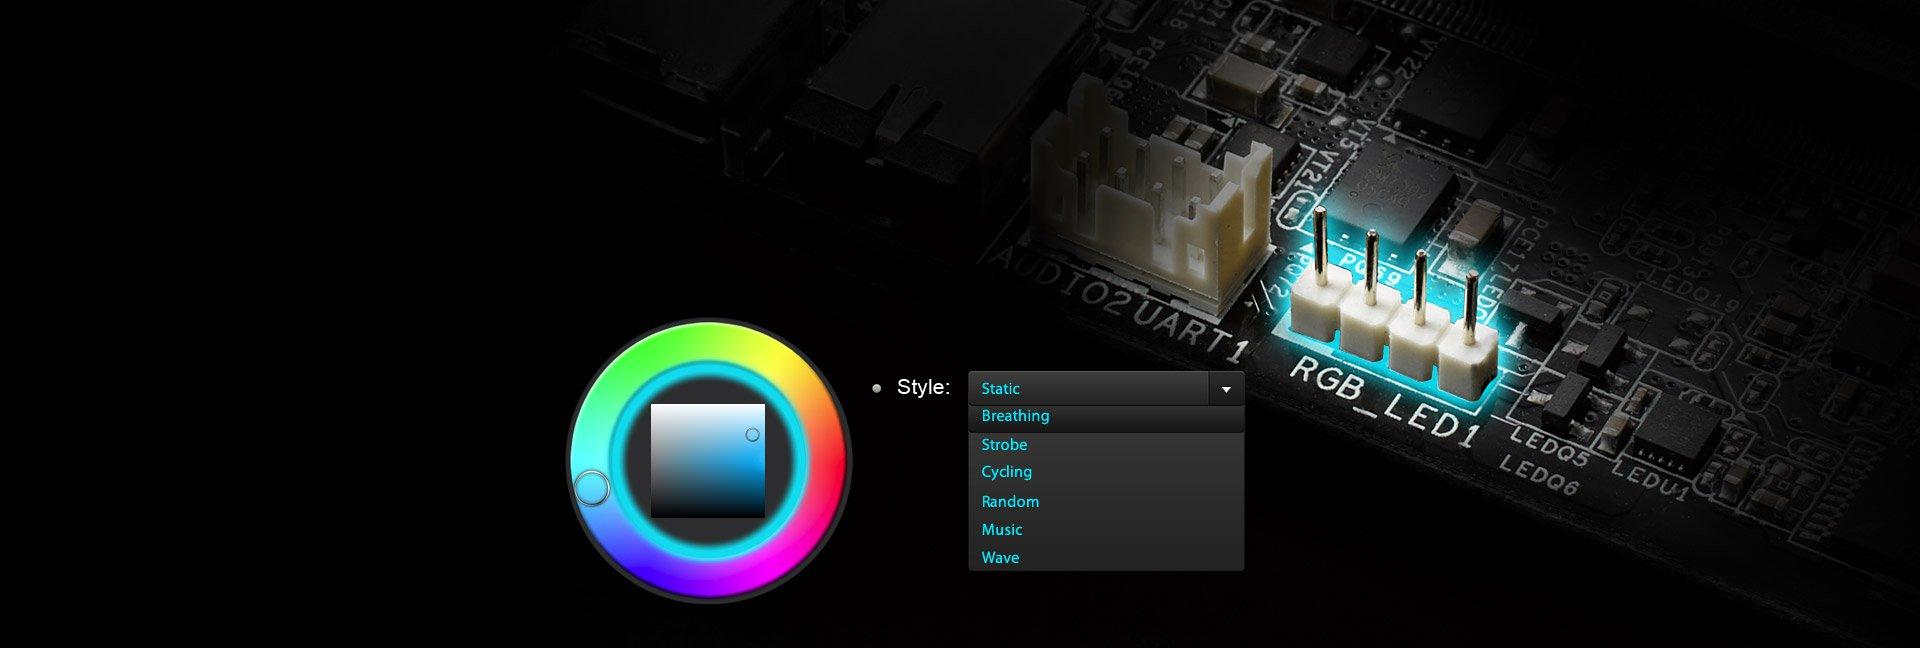 Asrock Deskmini Gtx Rx Z370 Breathing Led Circuit Diagram Rgb Ermglicht Es Nutzern Eine Leiste Anzuschlieen Und So Auf Einfache Weise Einen Einzigartigen Pc Stil Zu Realisieren